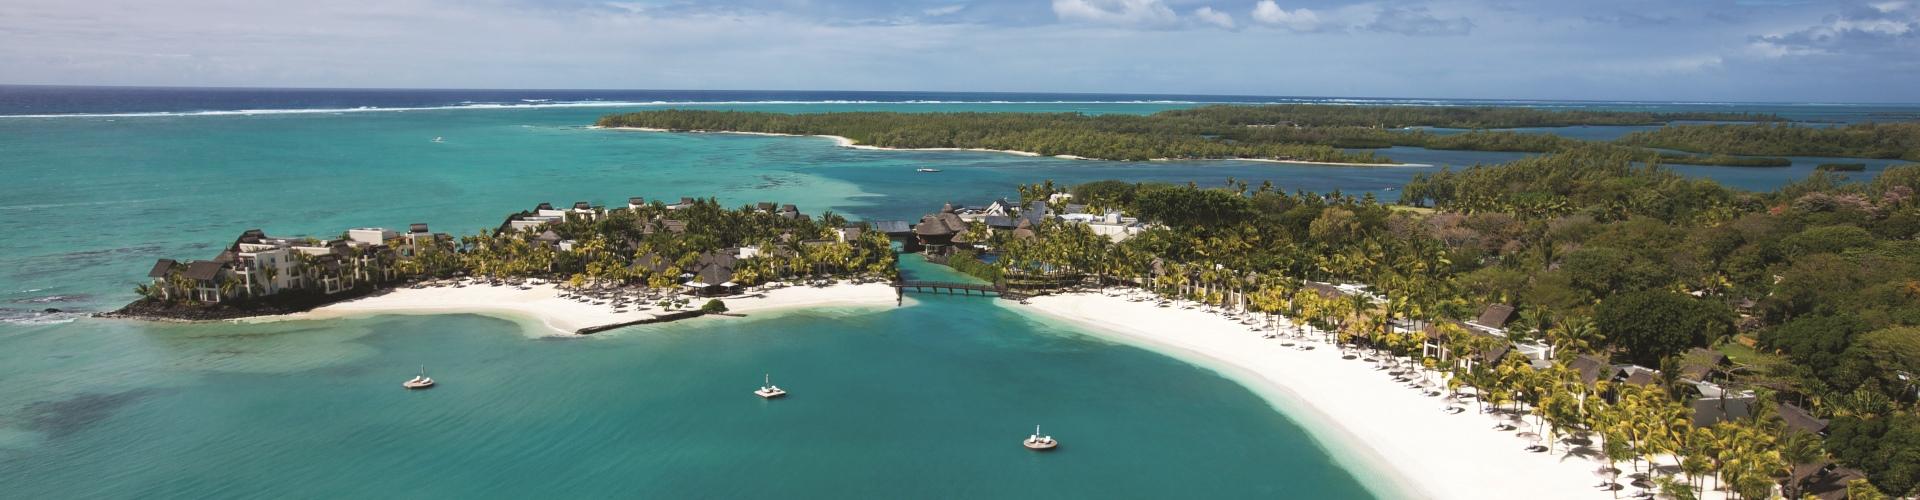 Le-Touessrok-Mauritius-aerial